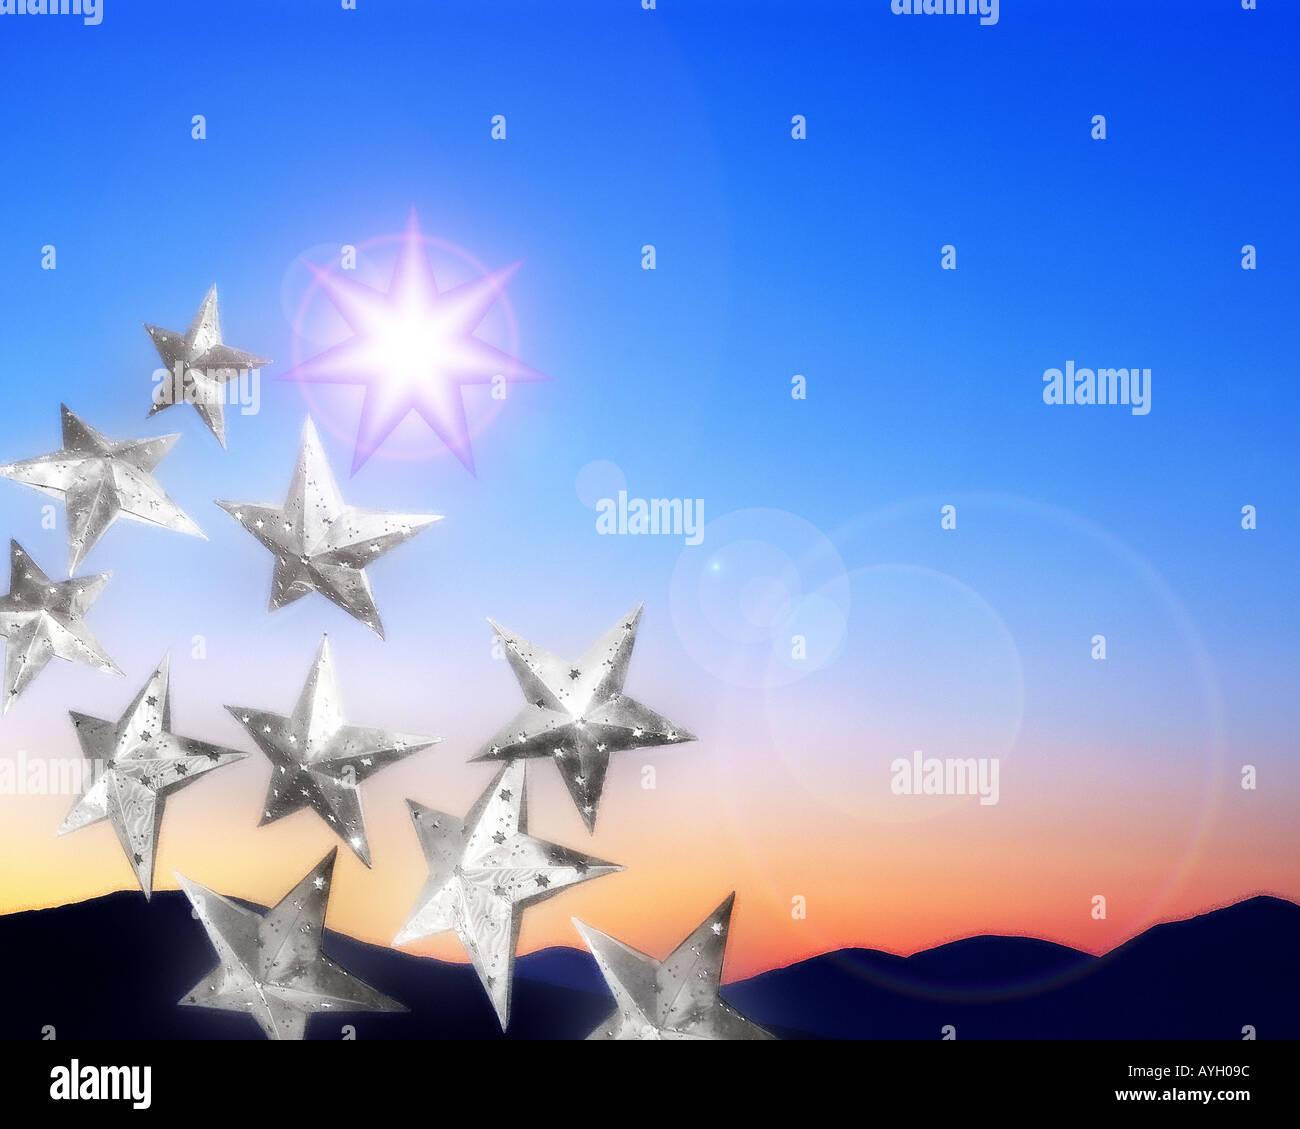 Arte Digital: Navidad diseño Imagen De Stock